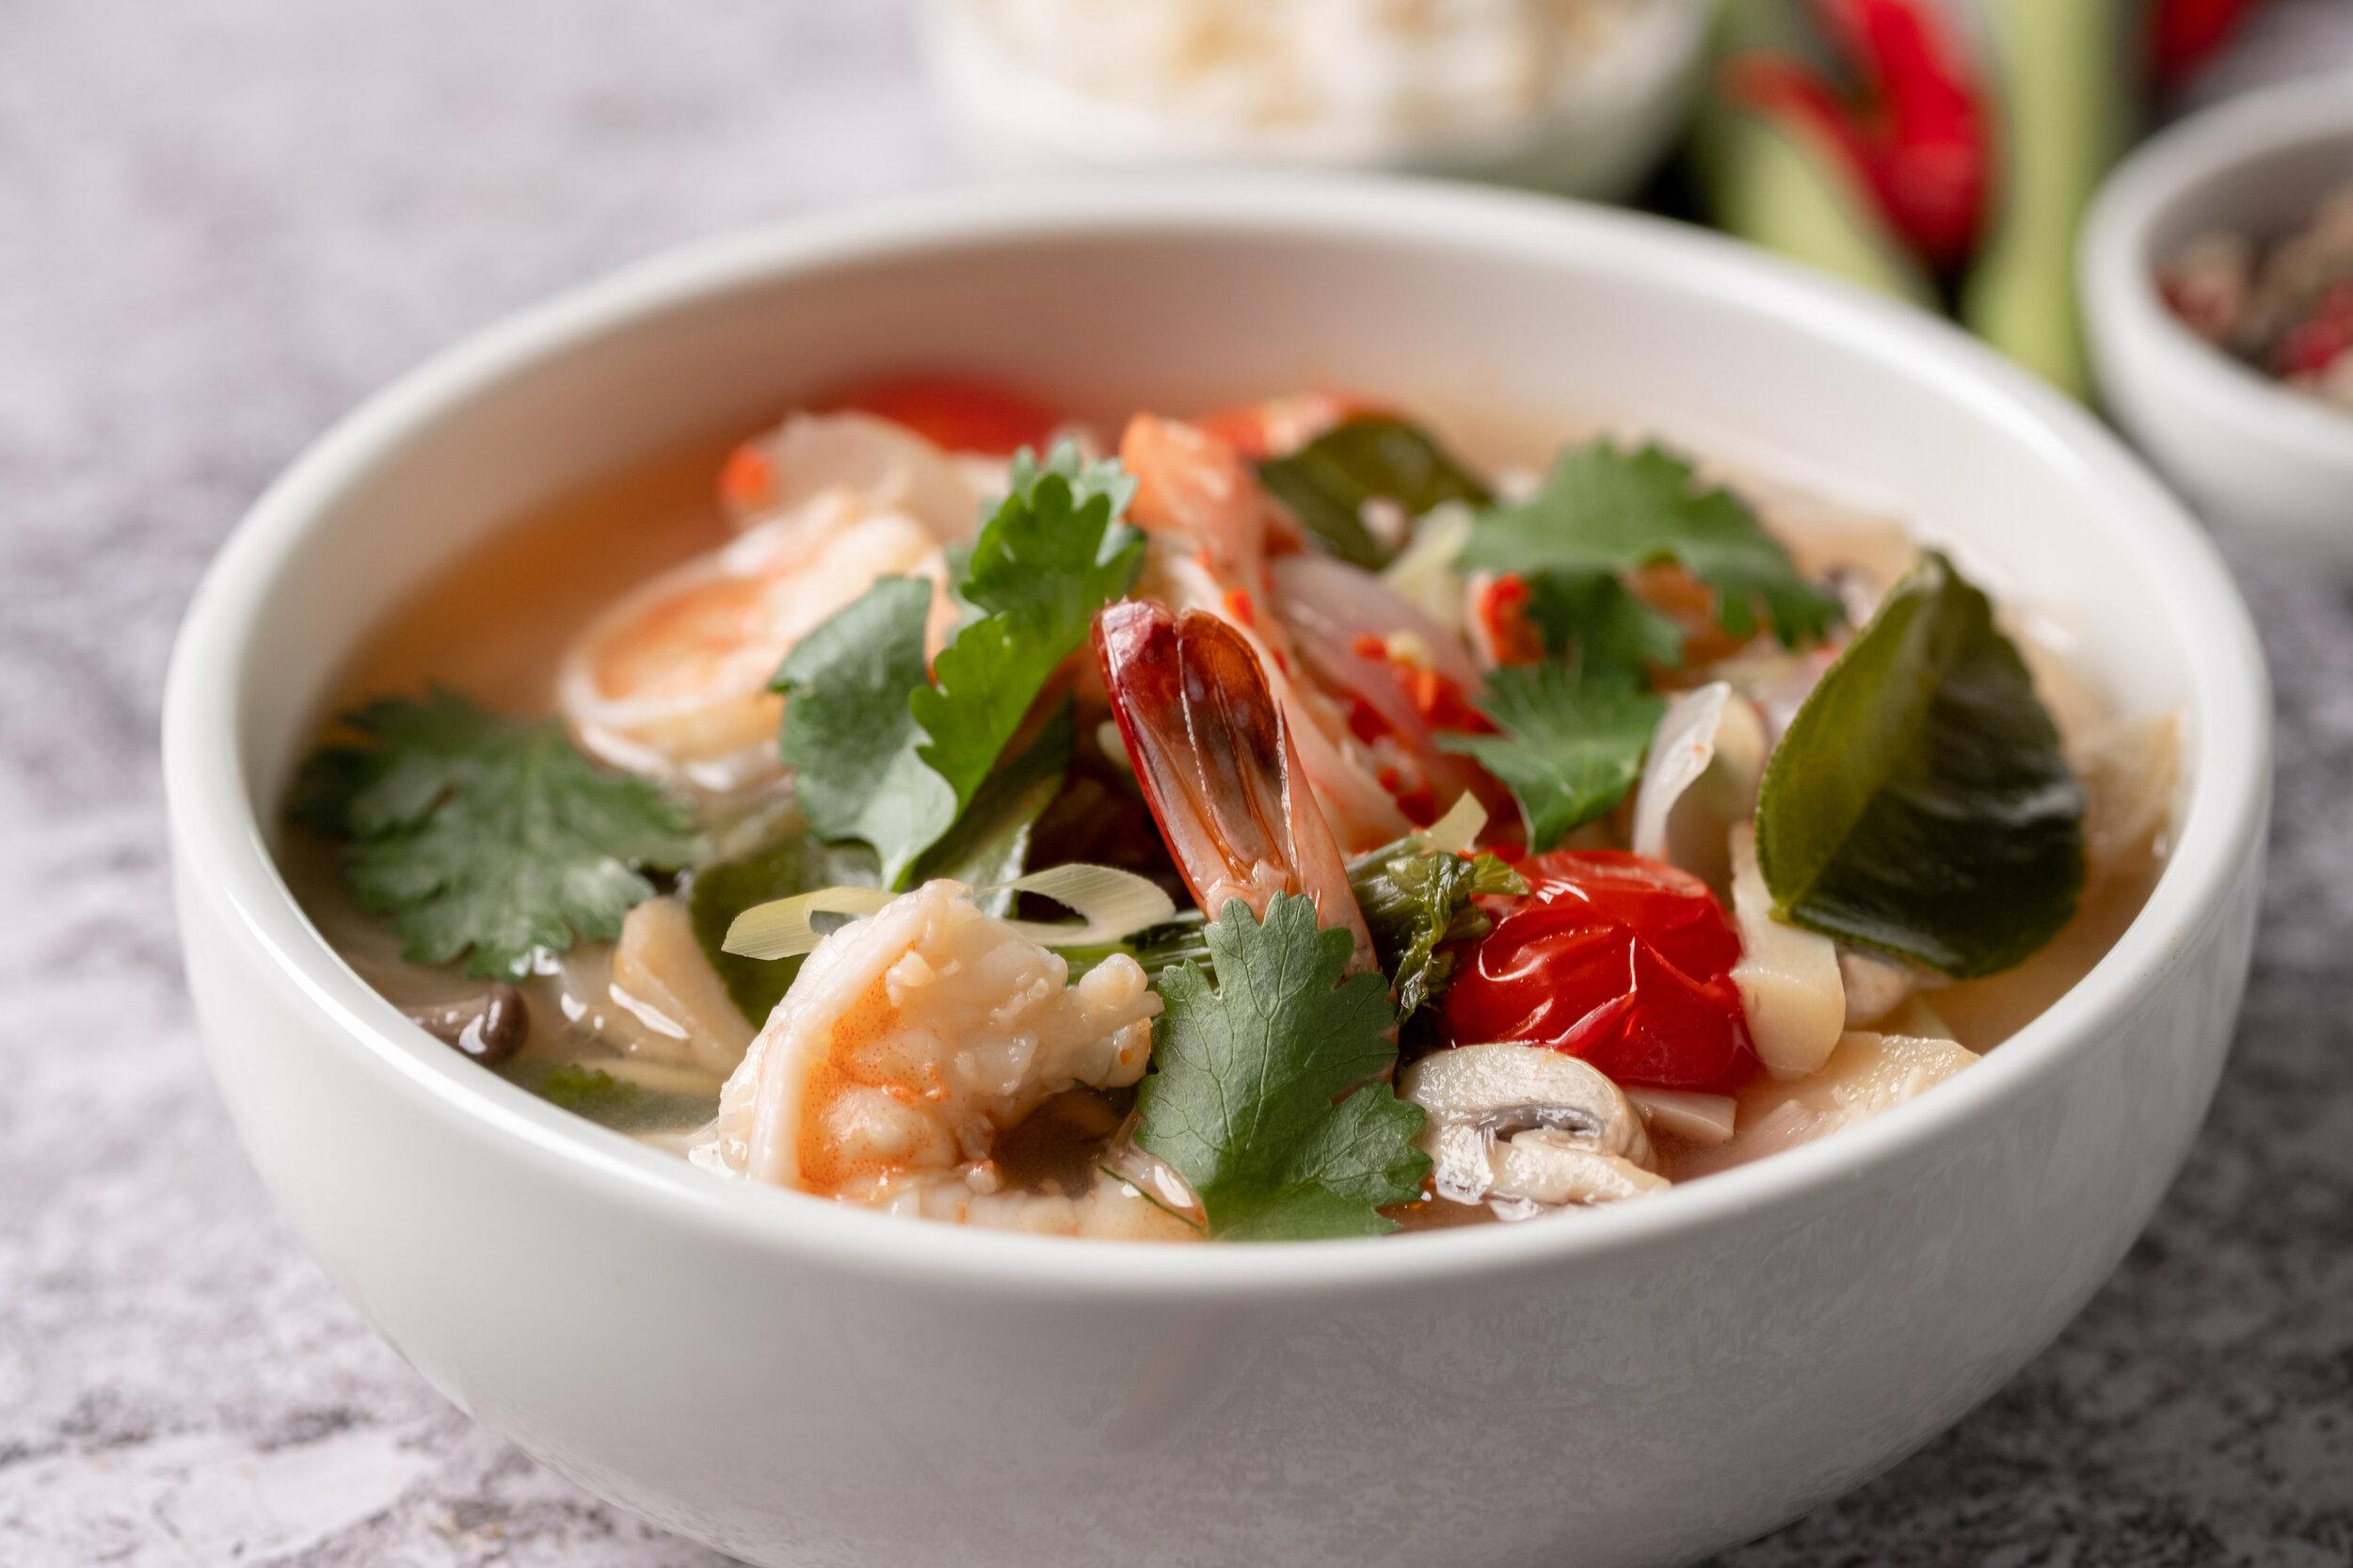 Tom Yam Prawn Soup, a signature Thai dish.